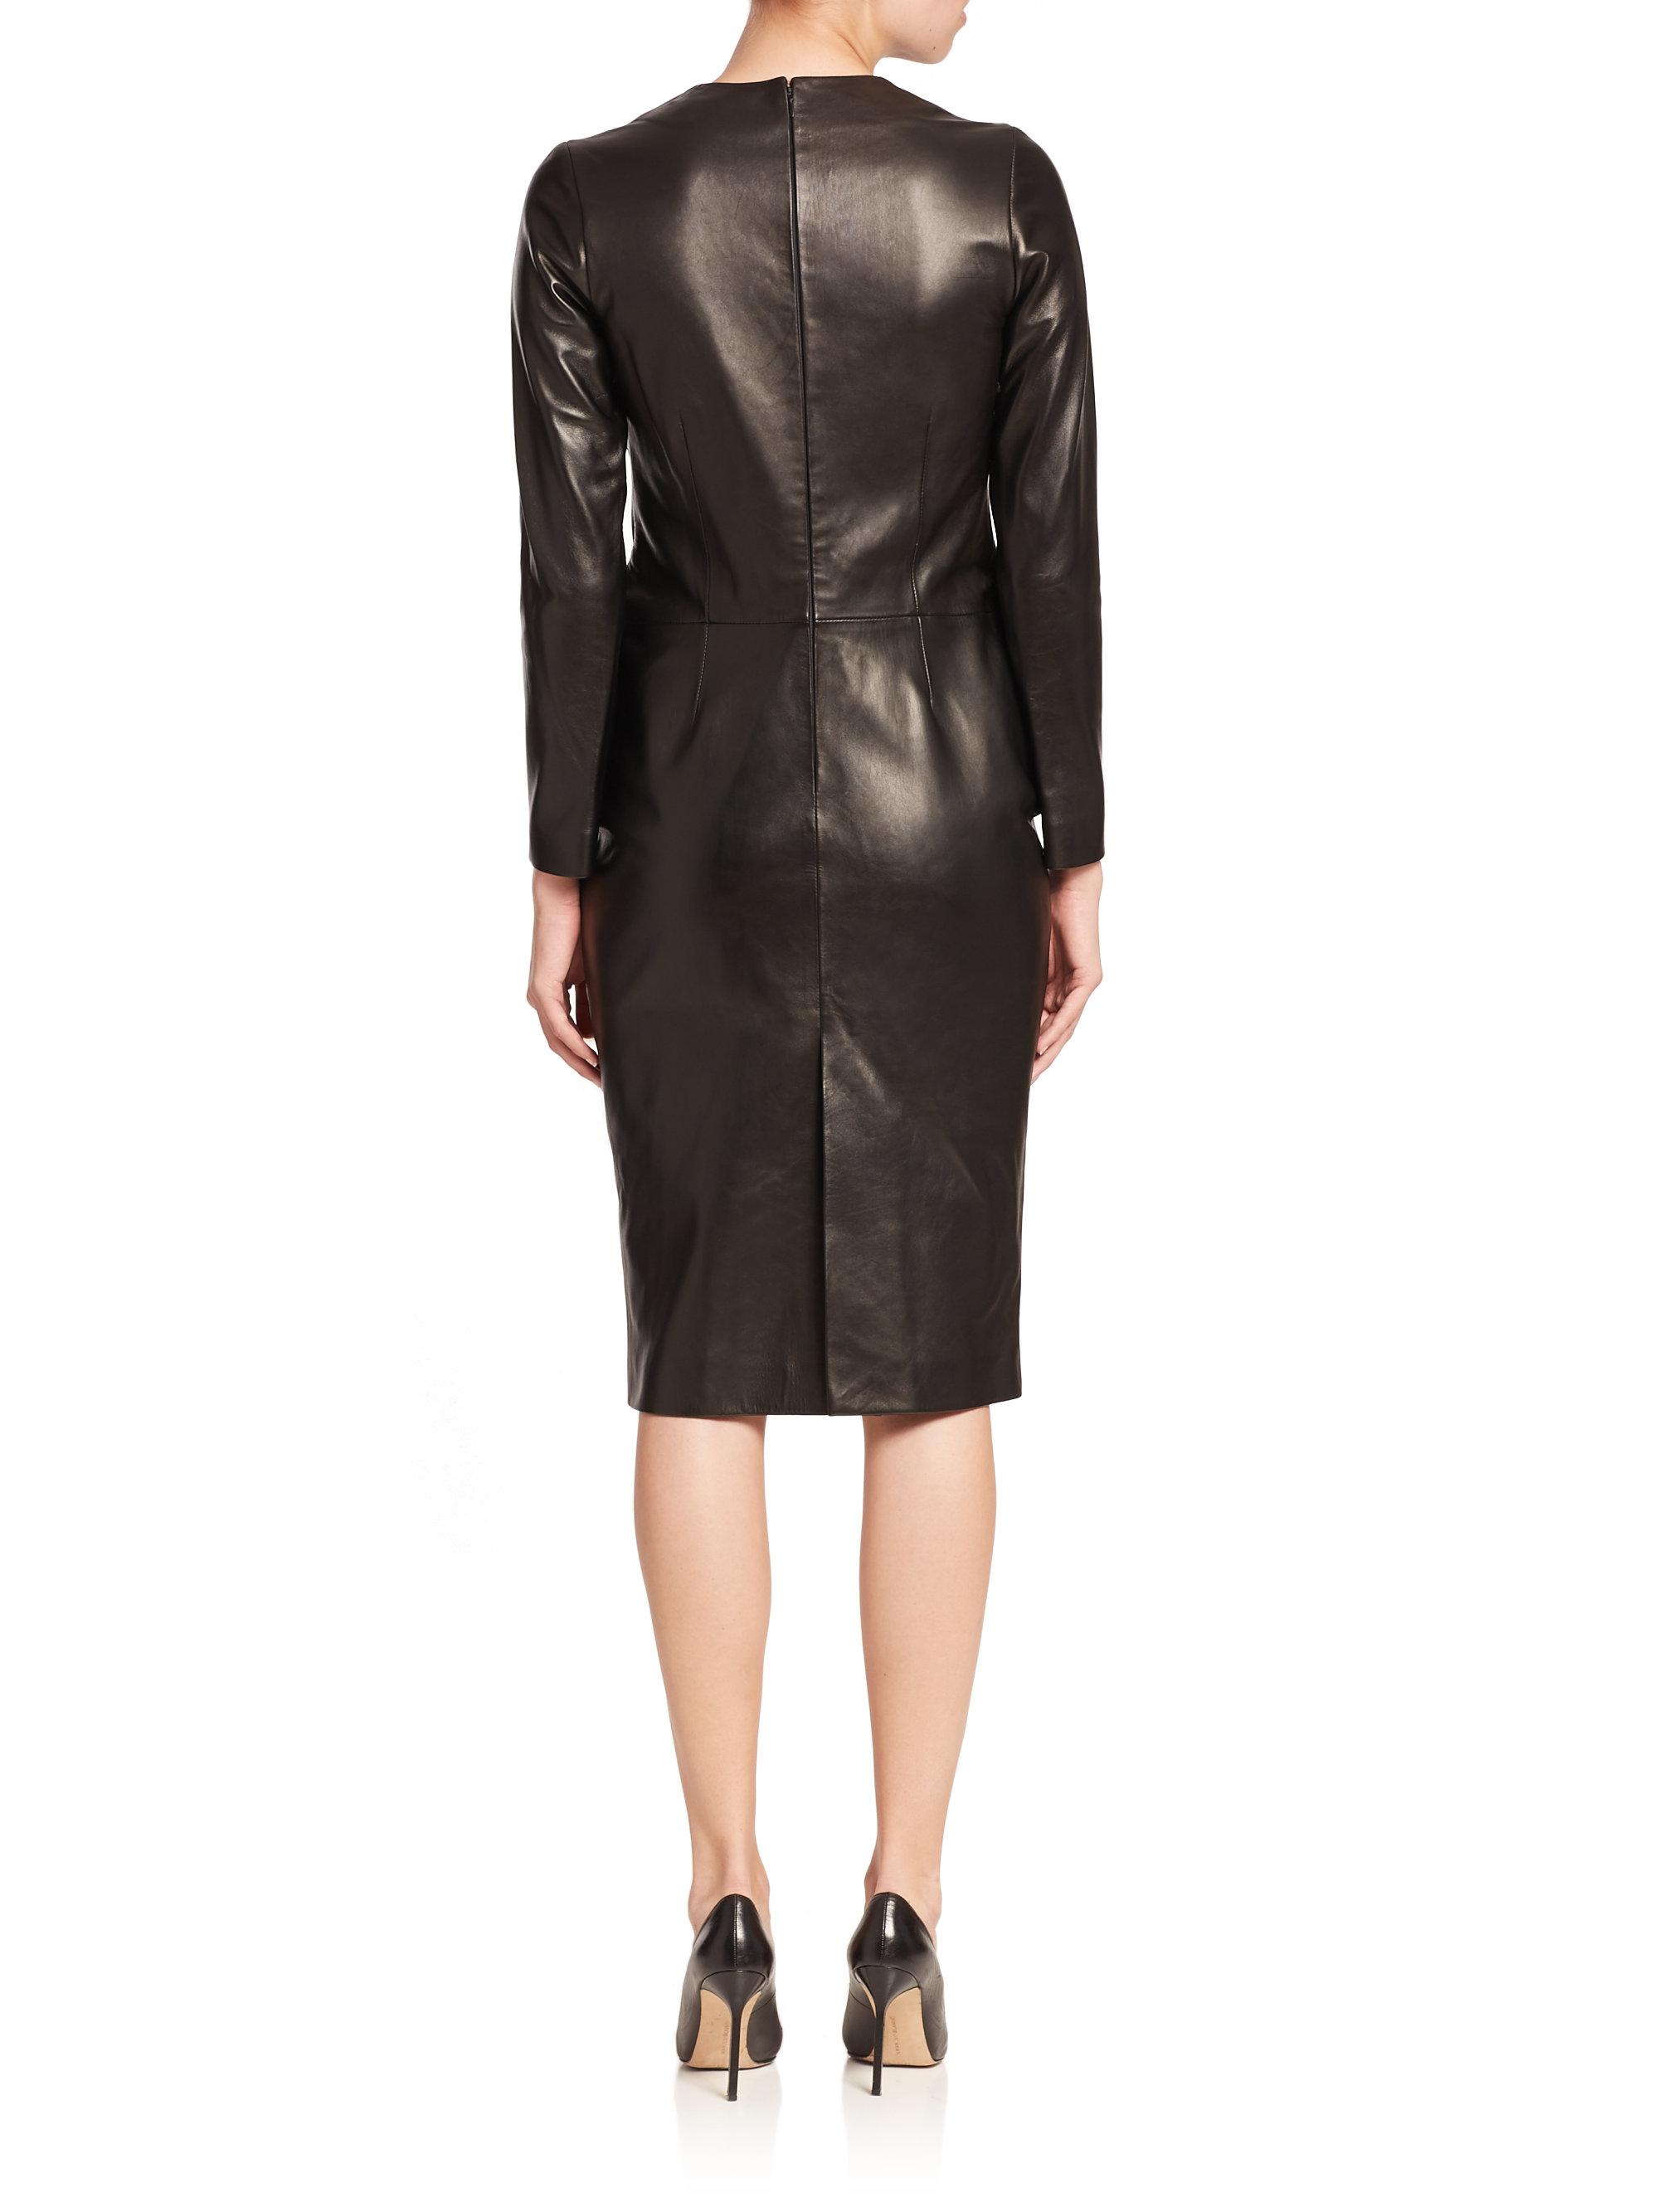 0bbc33e14d0cc La Prestic Ouiston Parfaite Long-sleeve Leather Dress in Black - Lyst